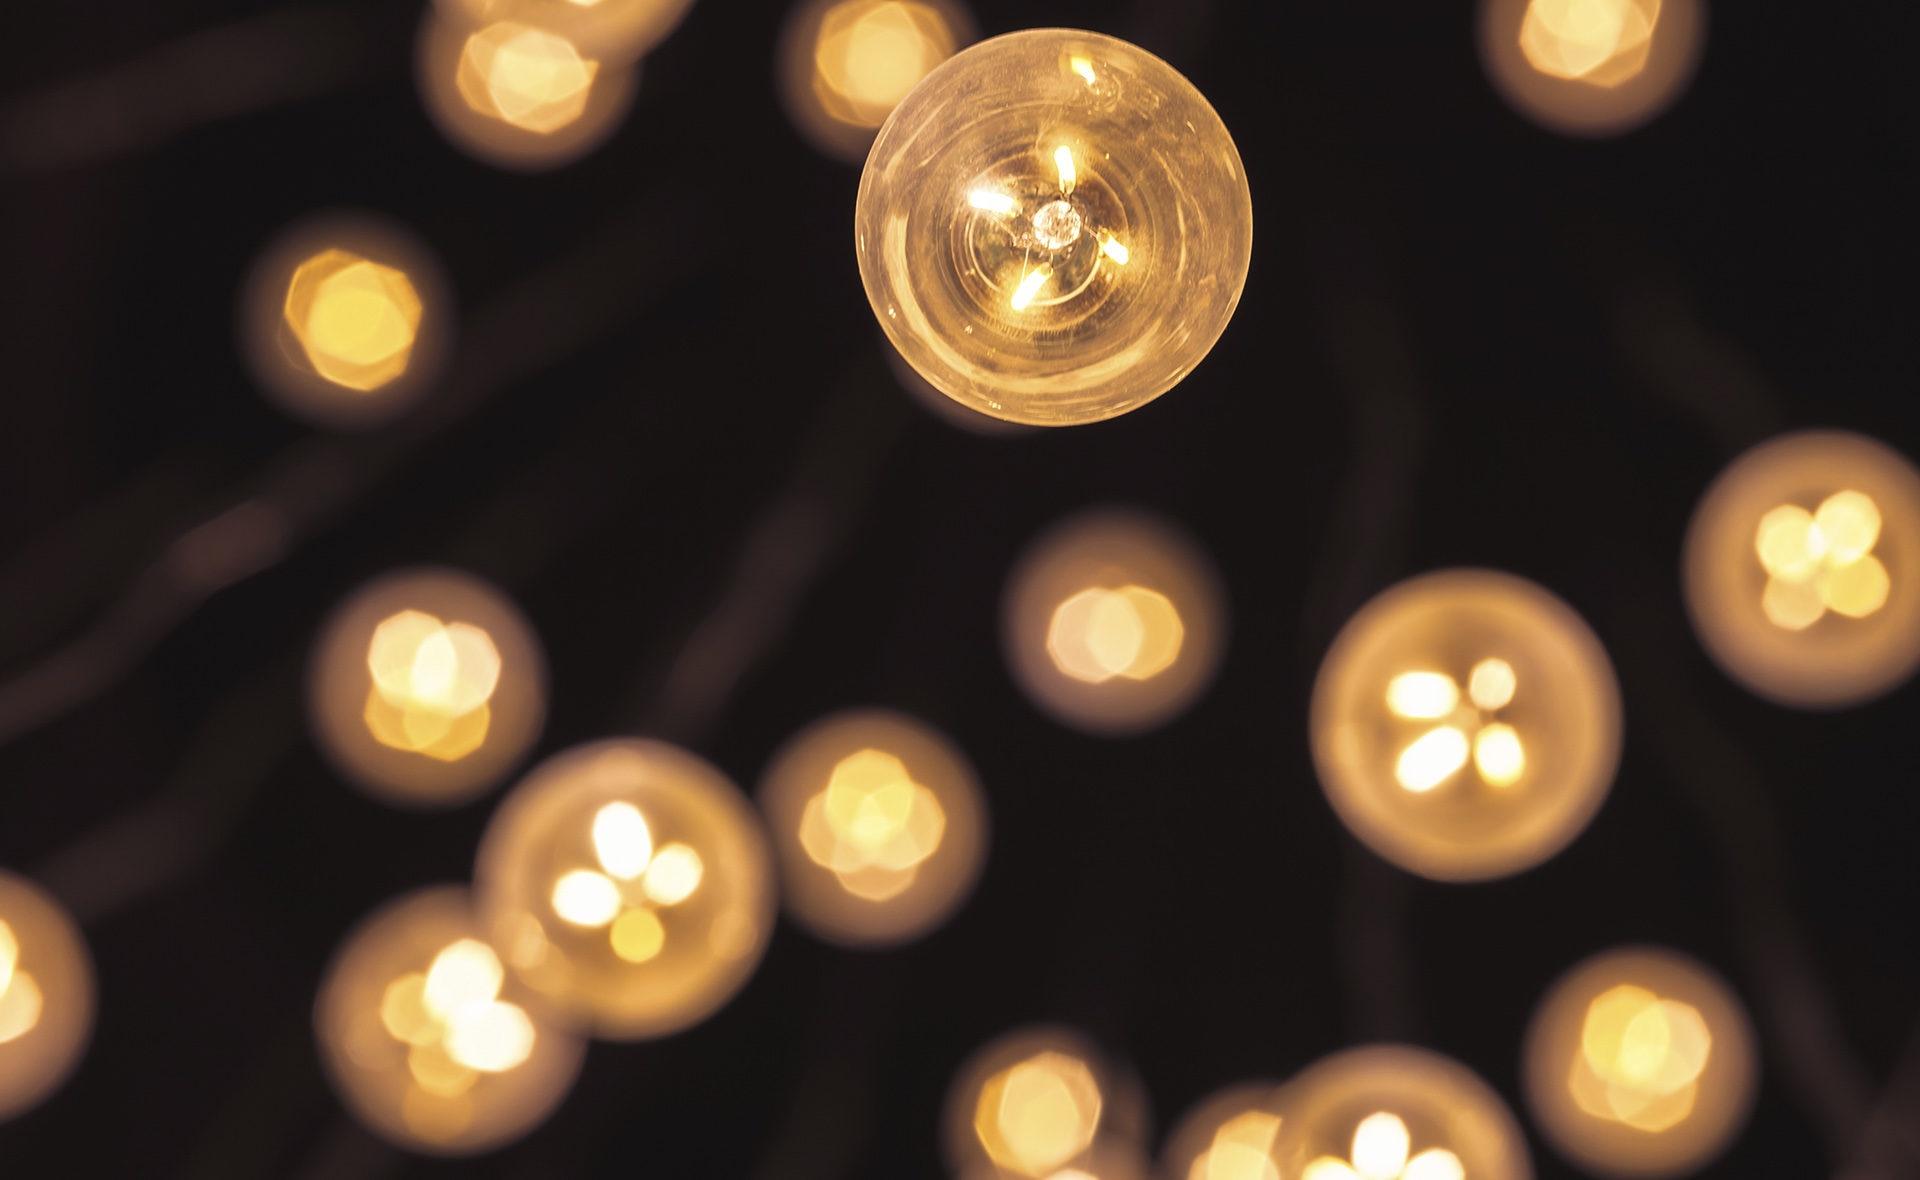 Bombillas-LED-consumo-electricidad-gastos-ahorro-hogar-BBVA